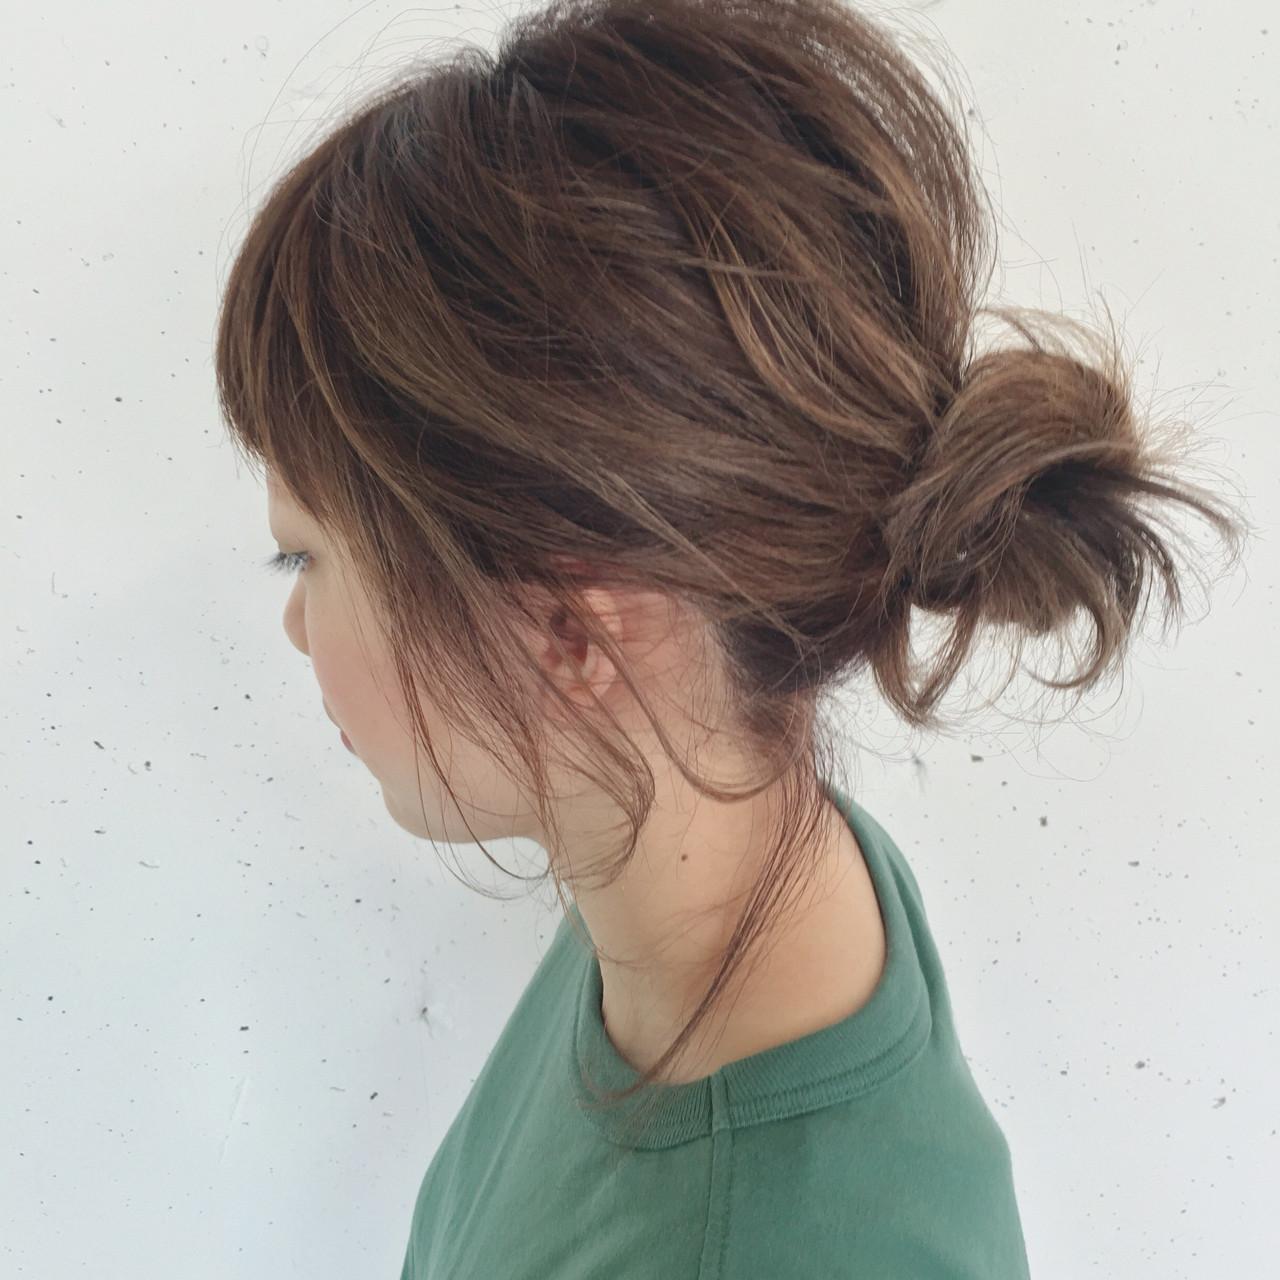 ショート ボブ お団子 簡単ヘアアレンジ ヘアスタイルや髪型の写真・画像